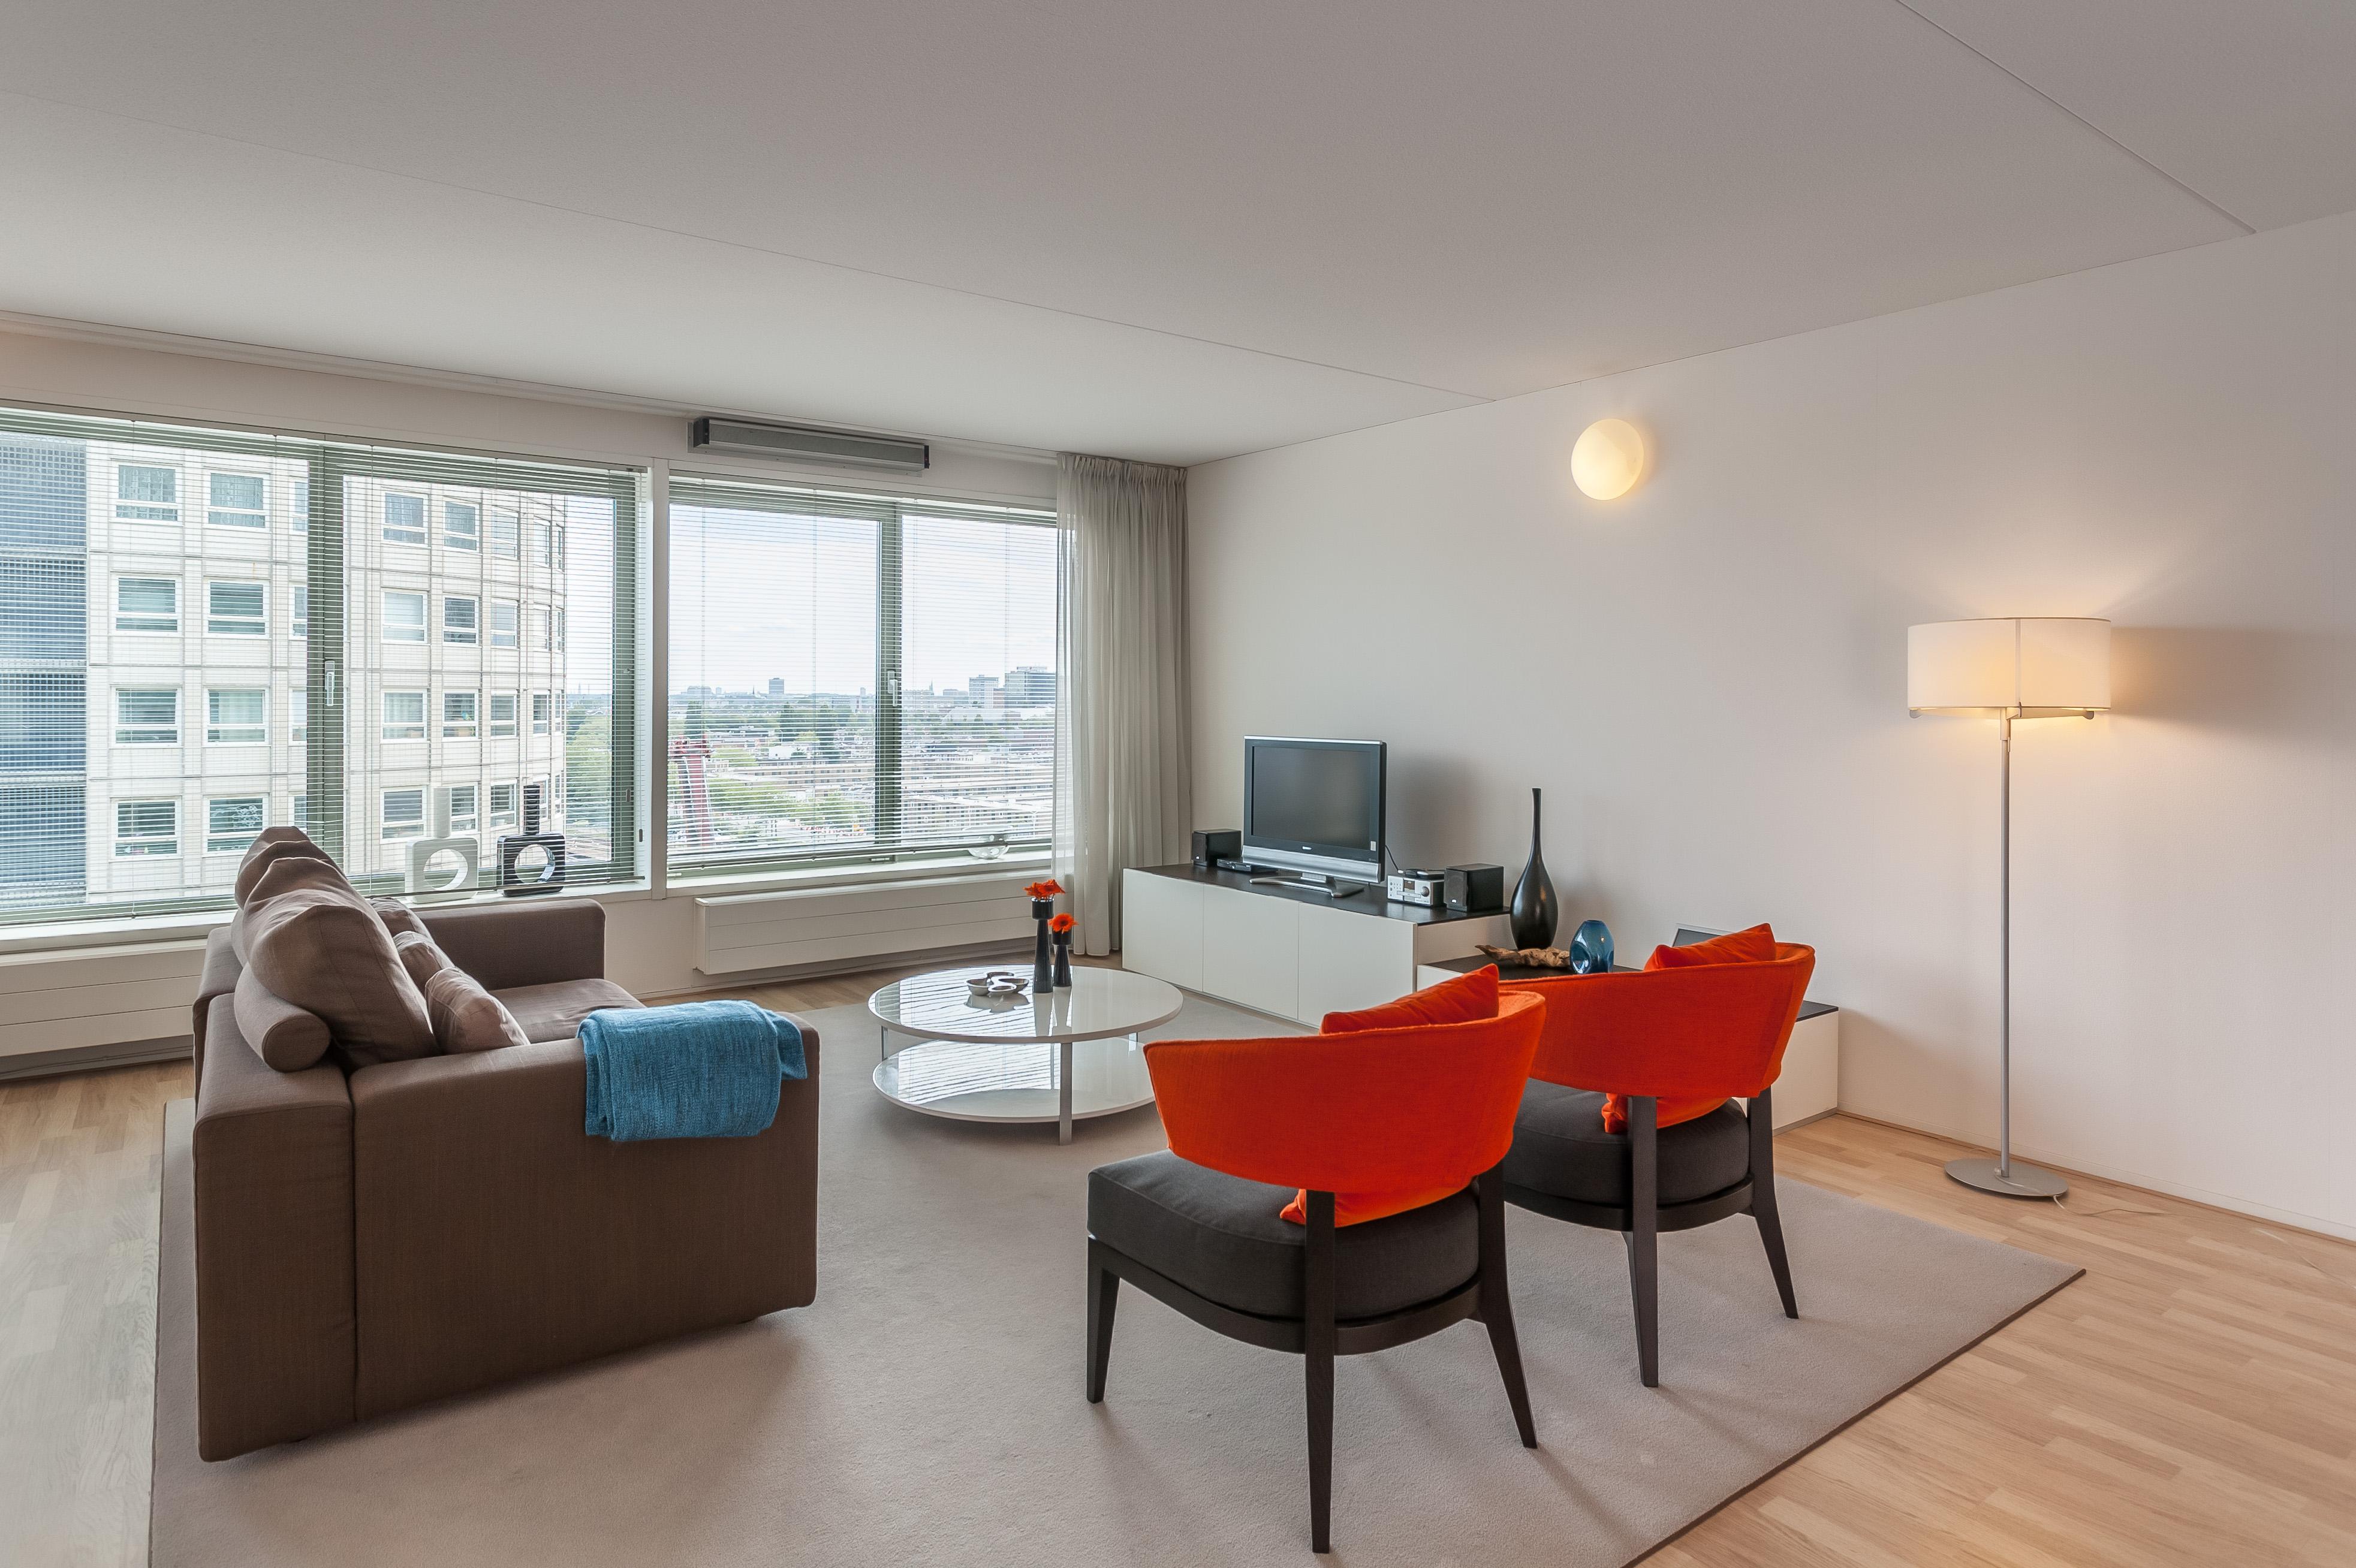 living room 2 - two bedroom apartment - La Fenetre - Den Haag